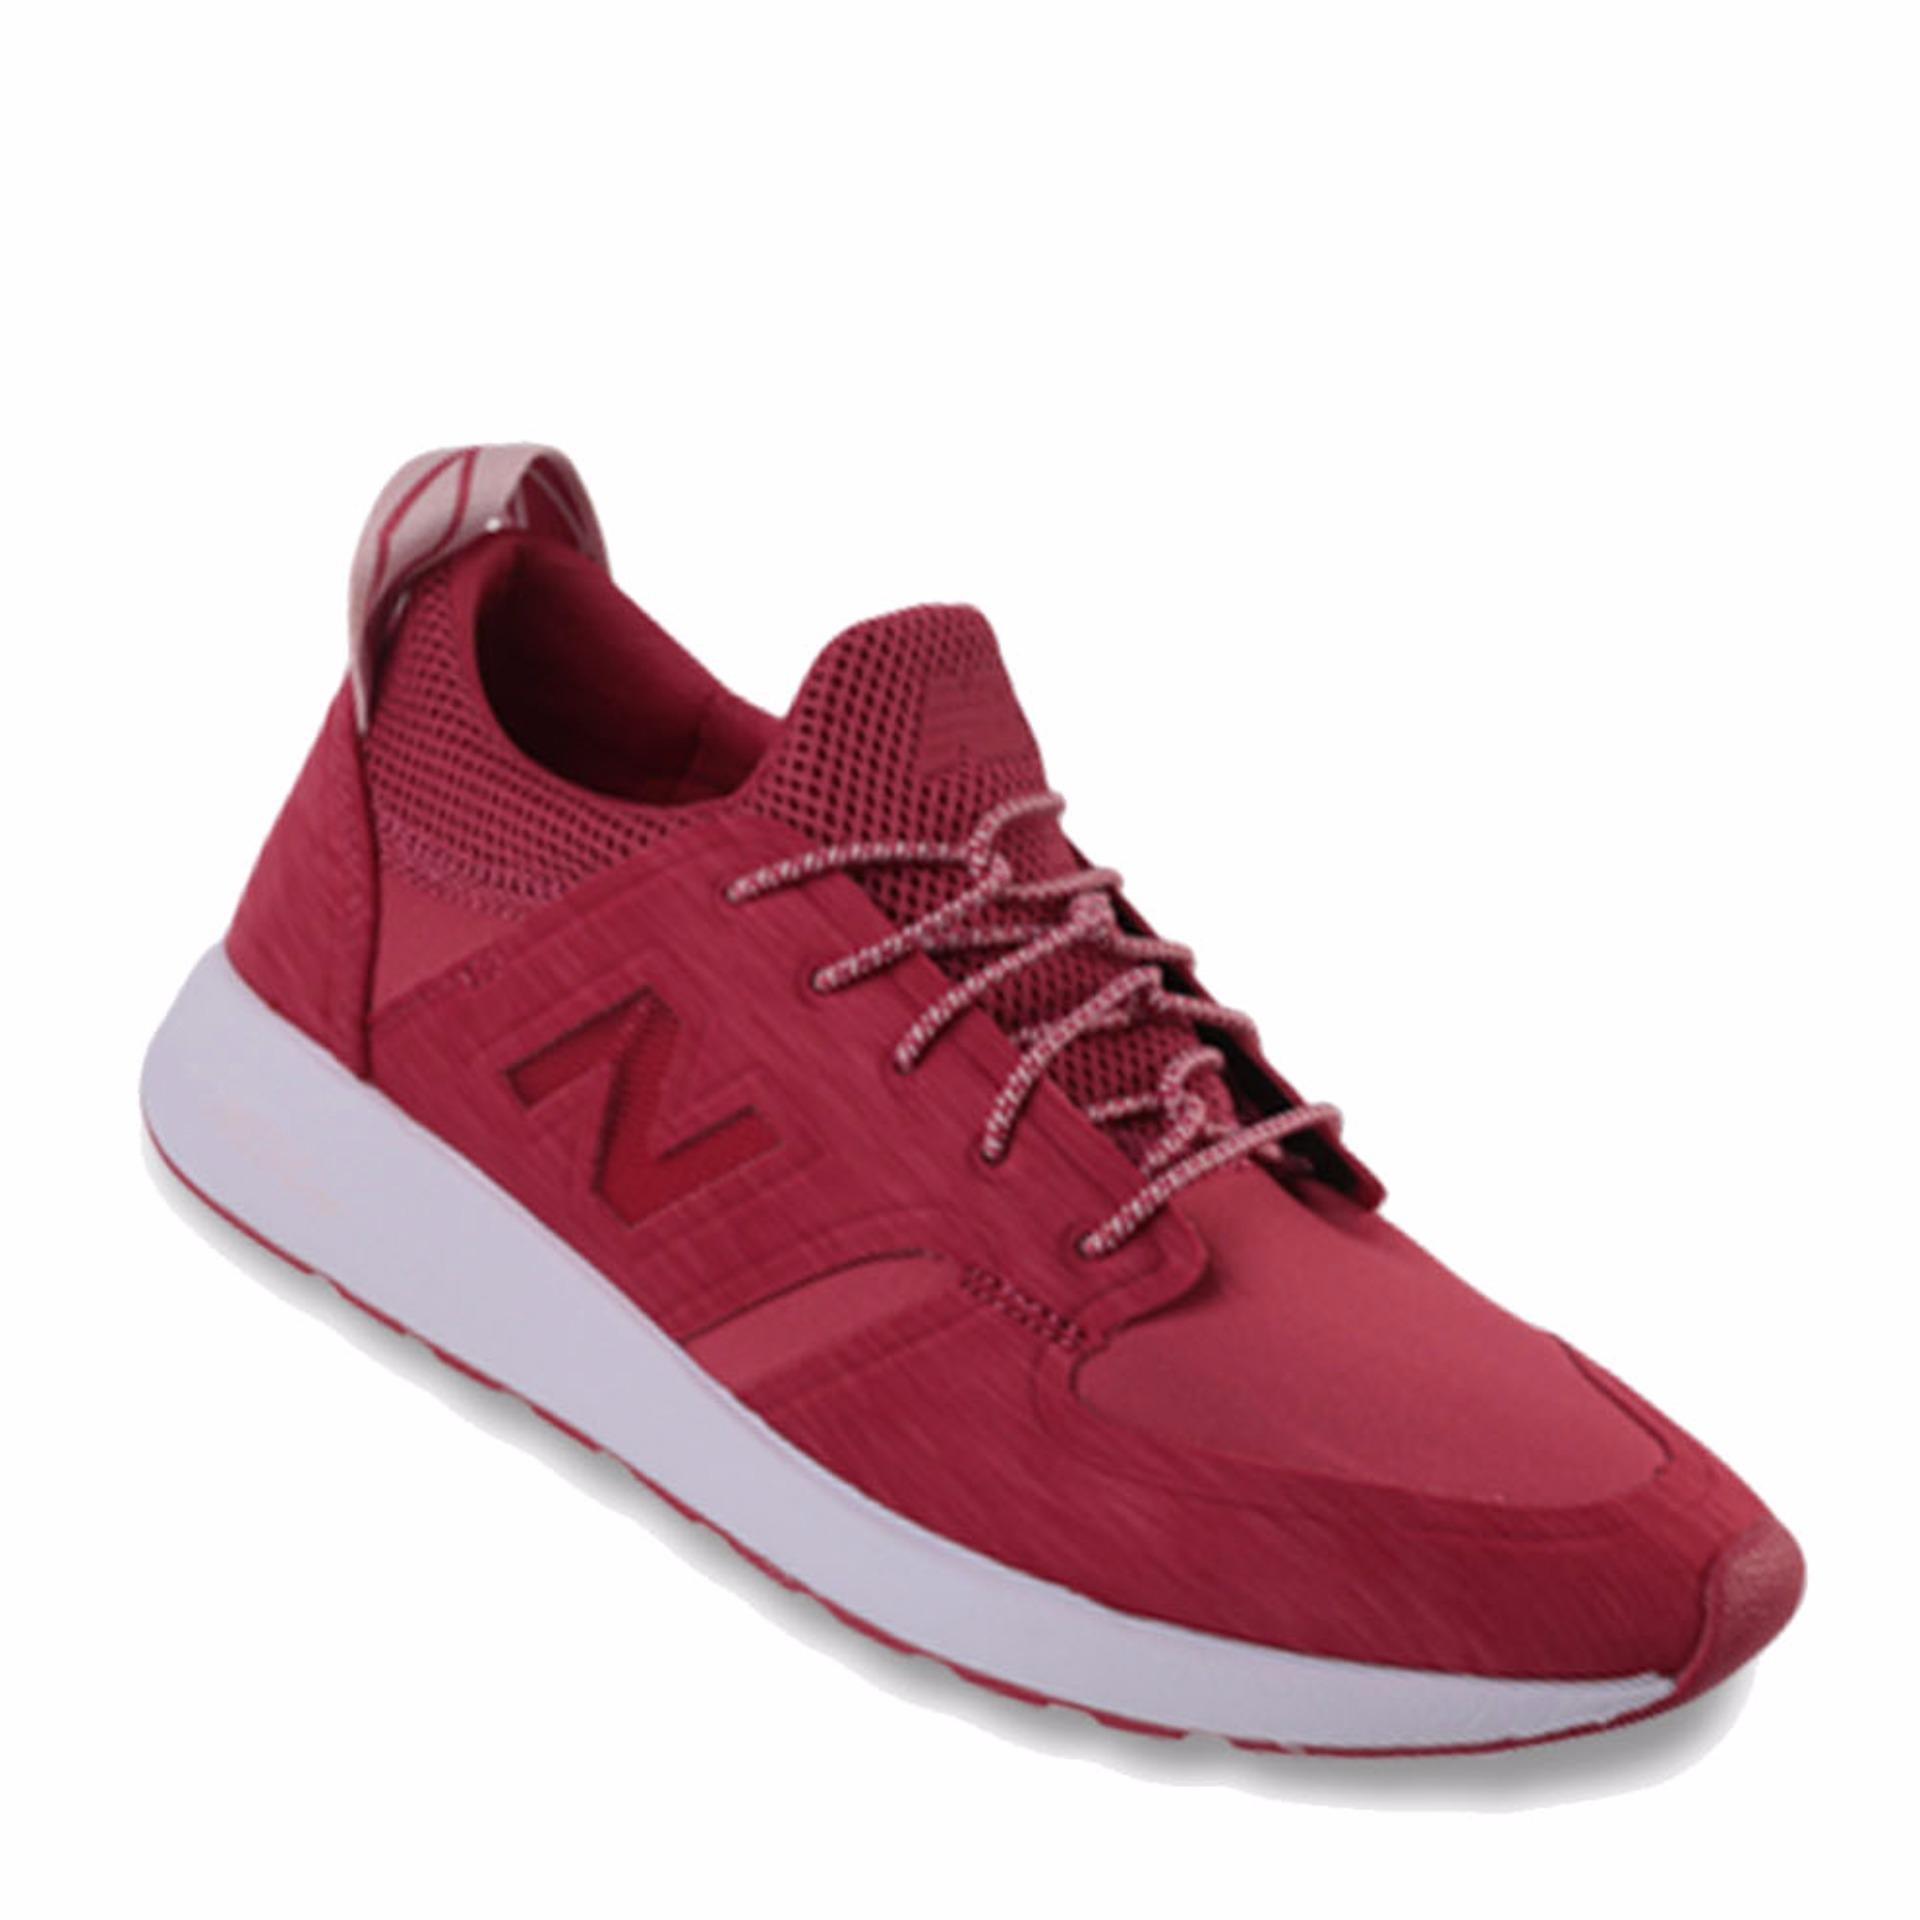 Perbandingan Harga New Balance 420 Sepatu Wanita Merah Di Dki Jakarta